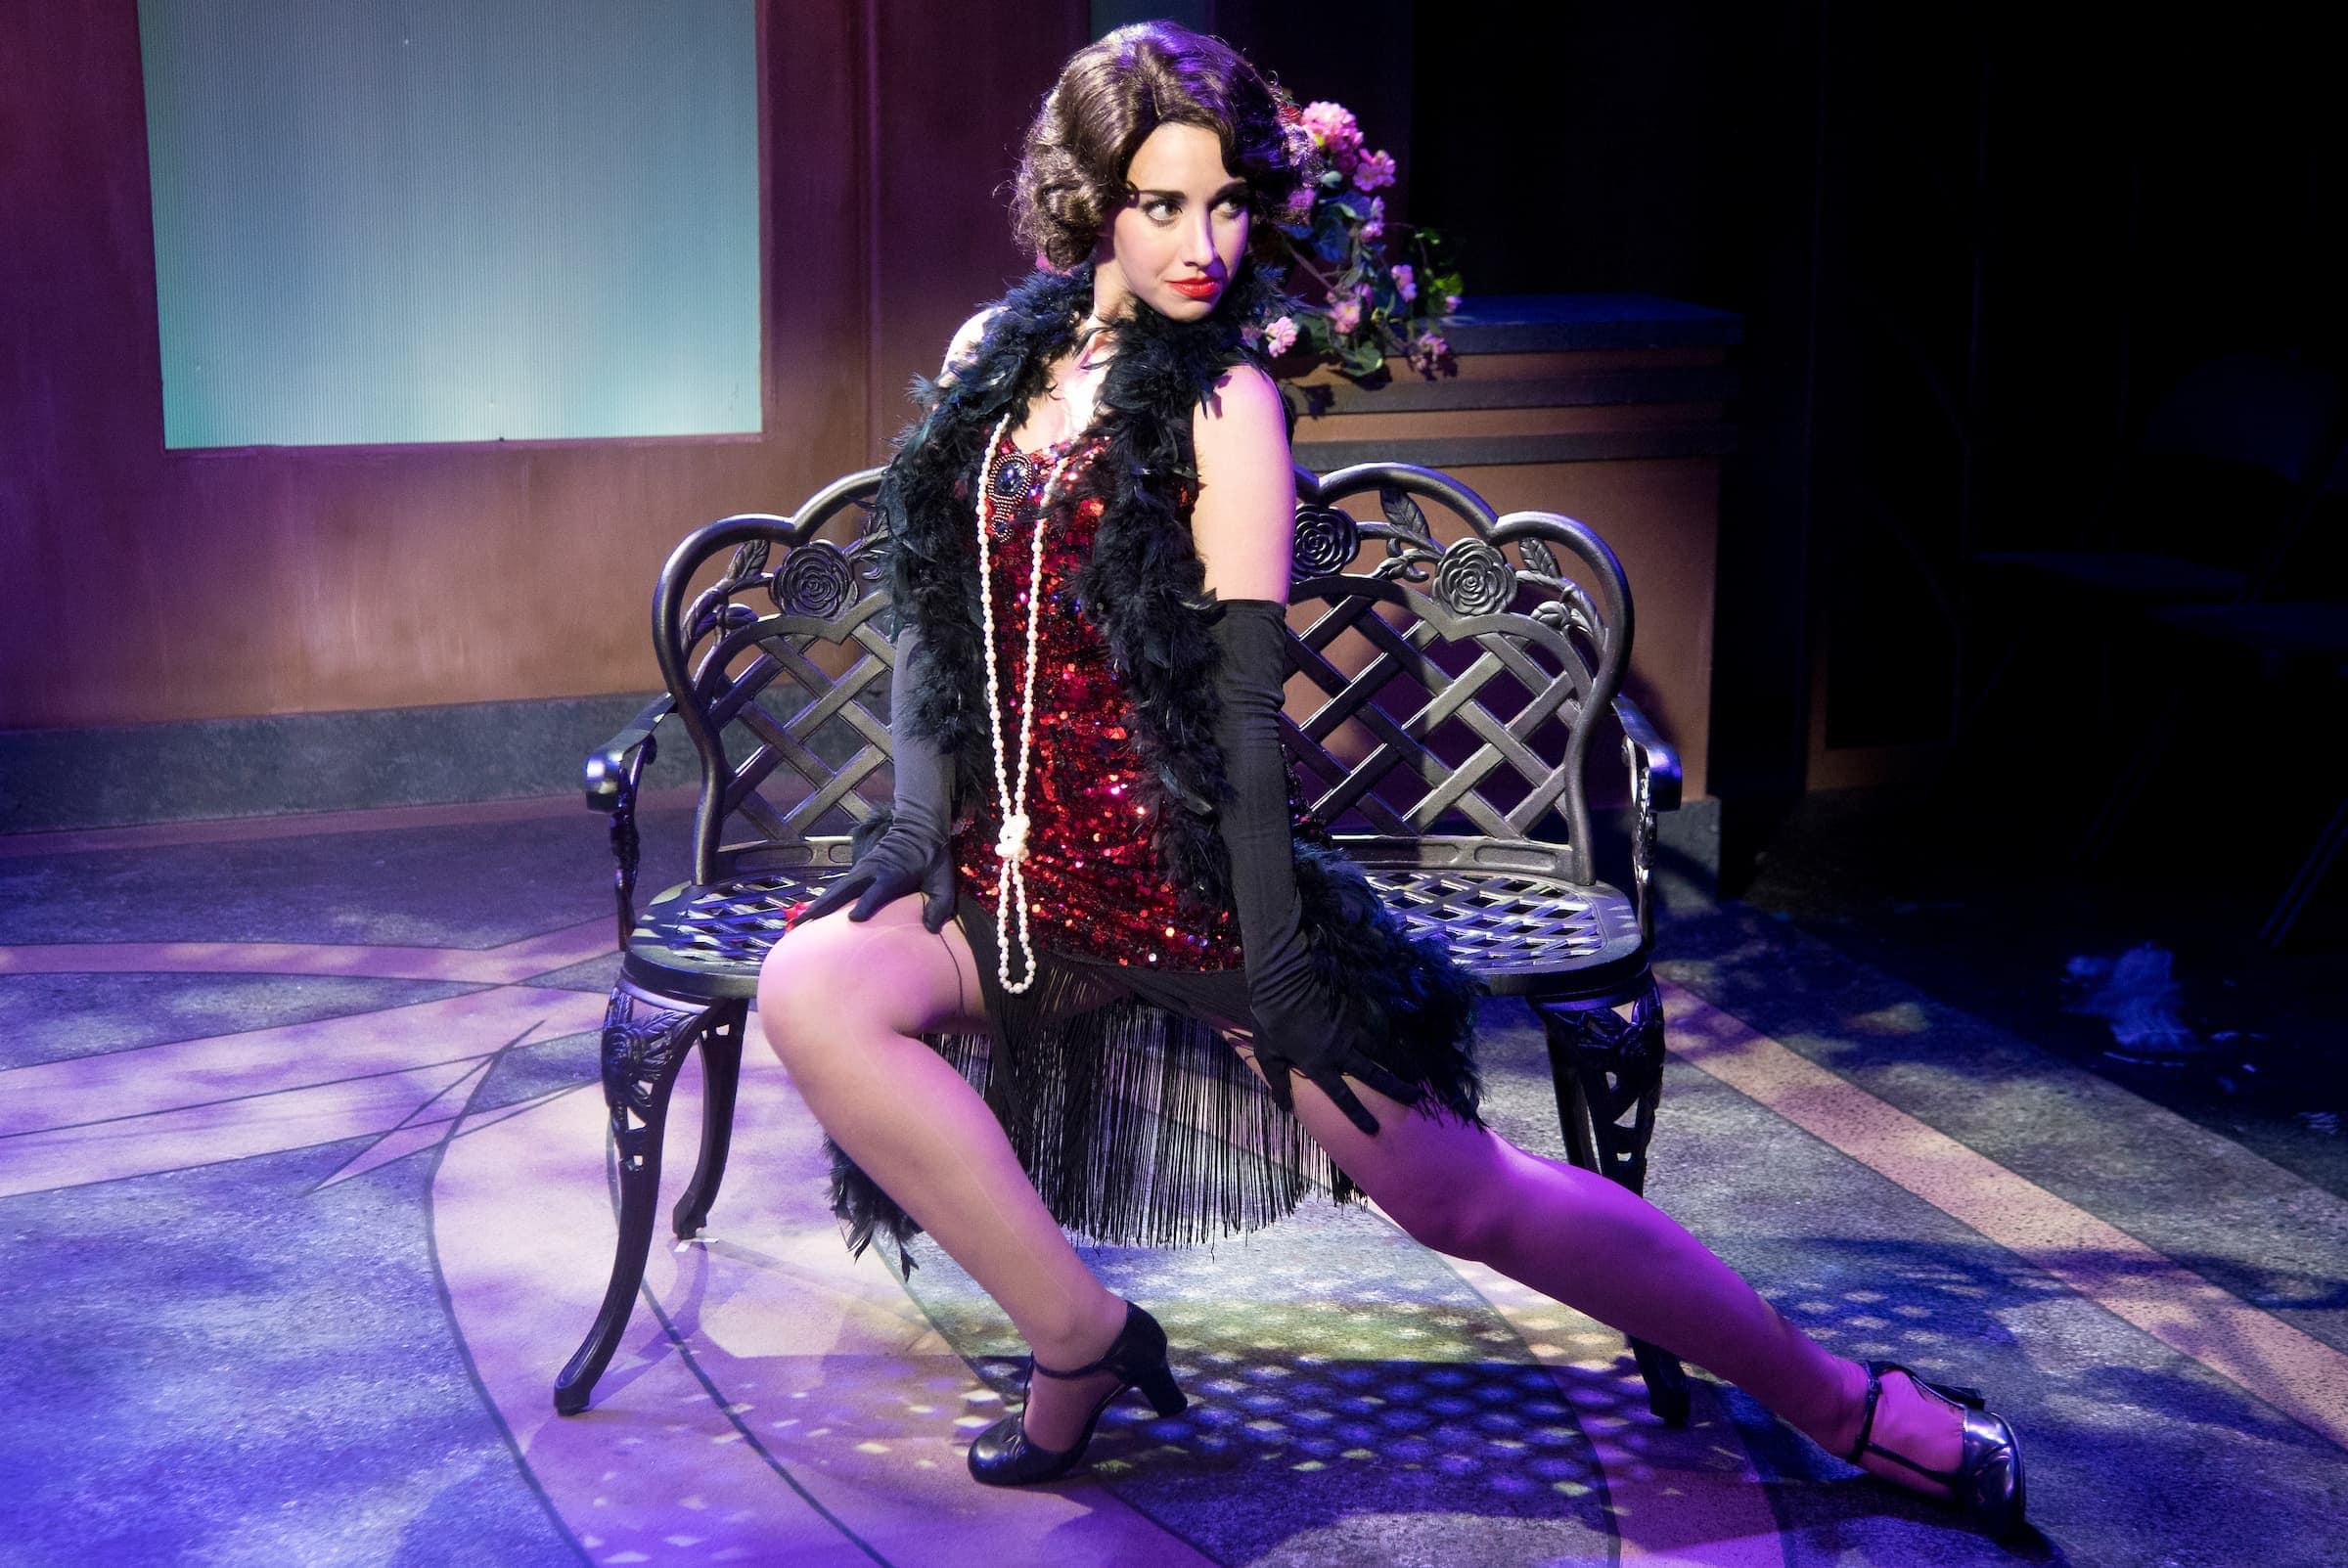 Olivia Ercolano as Olivia. Photo by Joshua McKerrow.